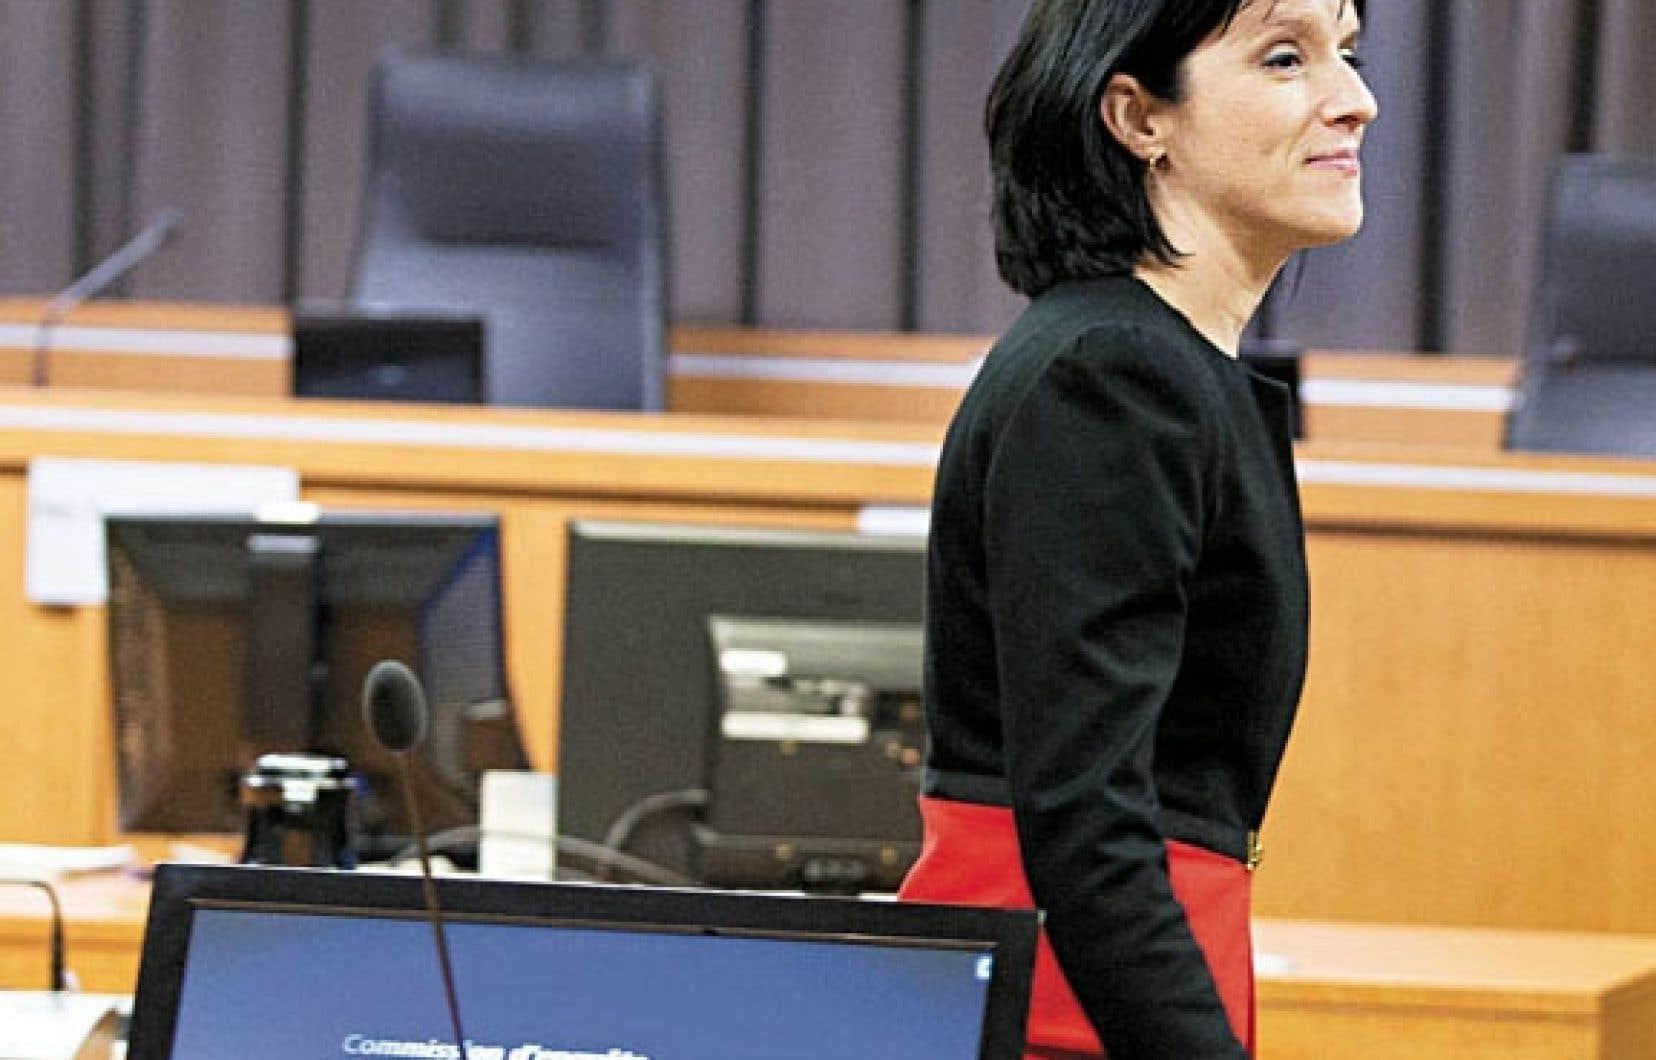 Me Sonia Lebel, procureure en chef de la commission Charbonneau, est allée rencontrer les journalistes, lundi, au sujet de l'ajournement des audiences.